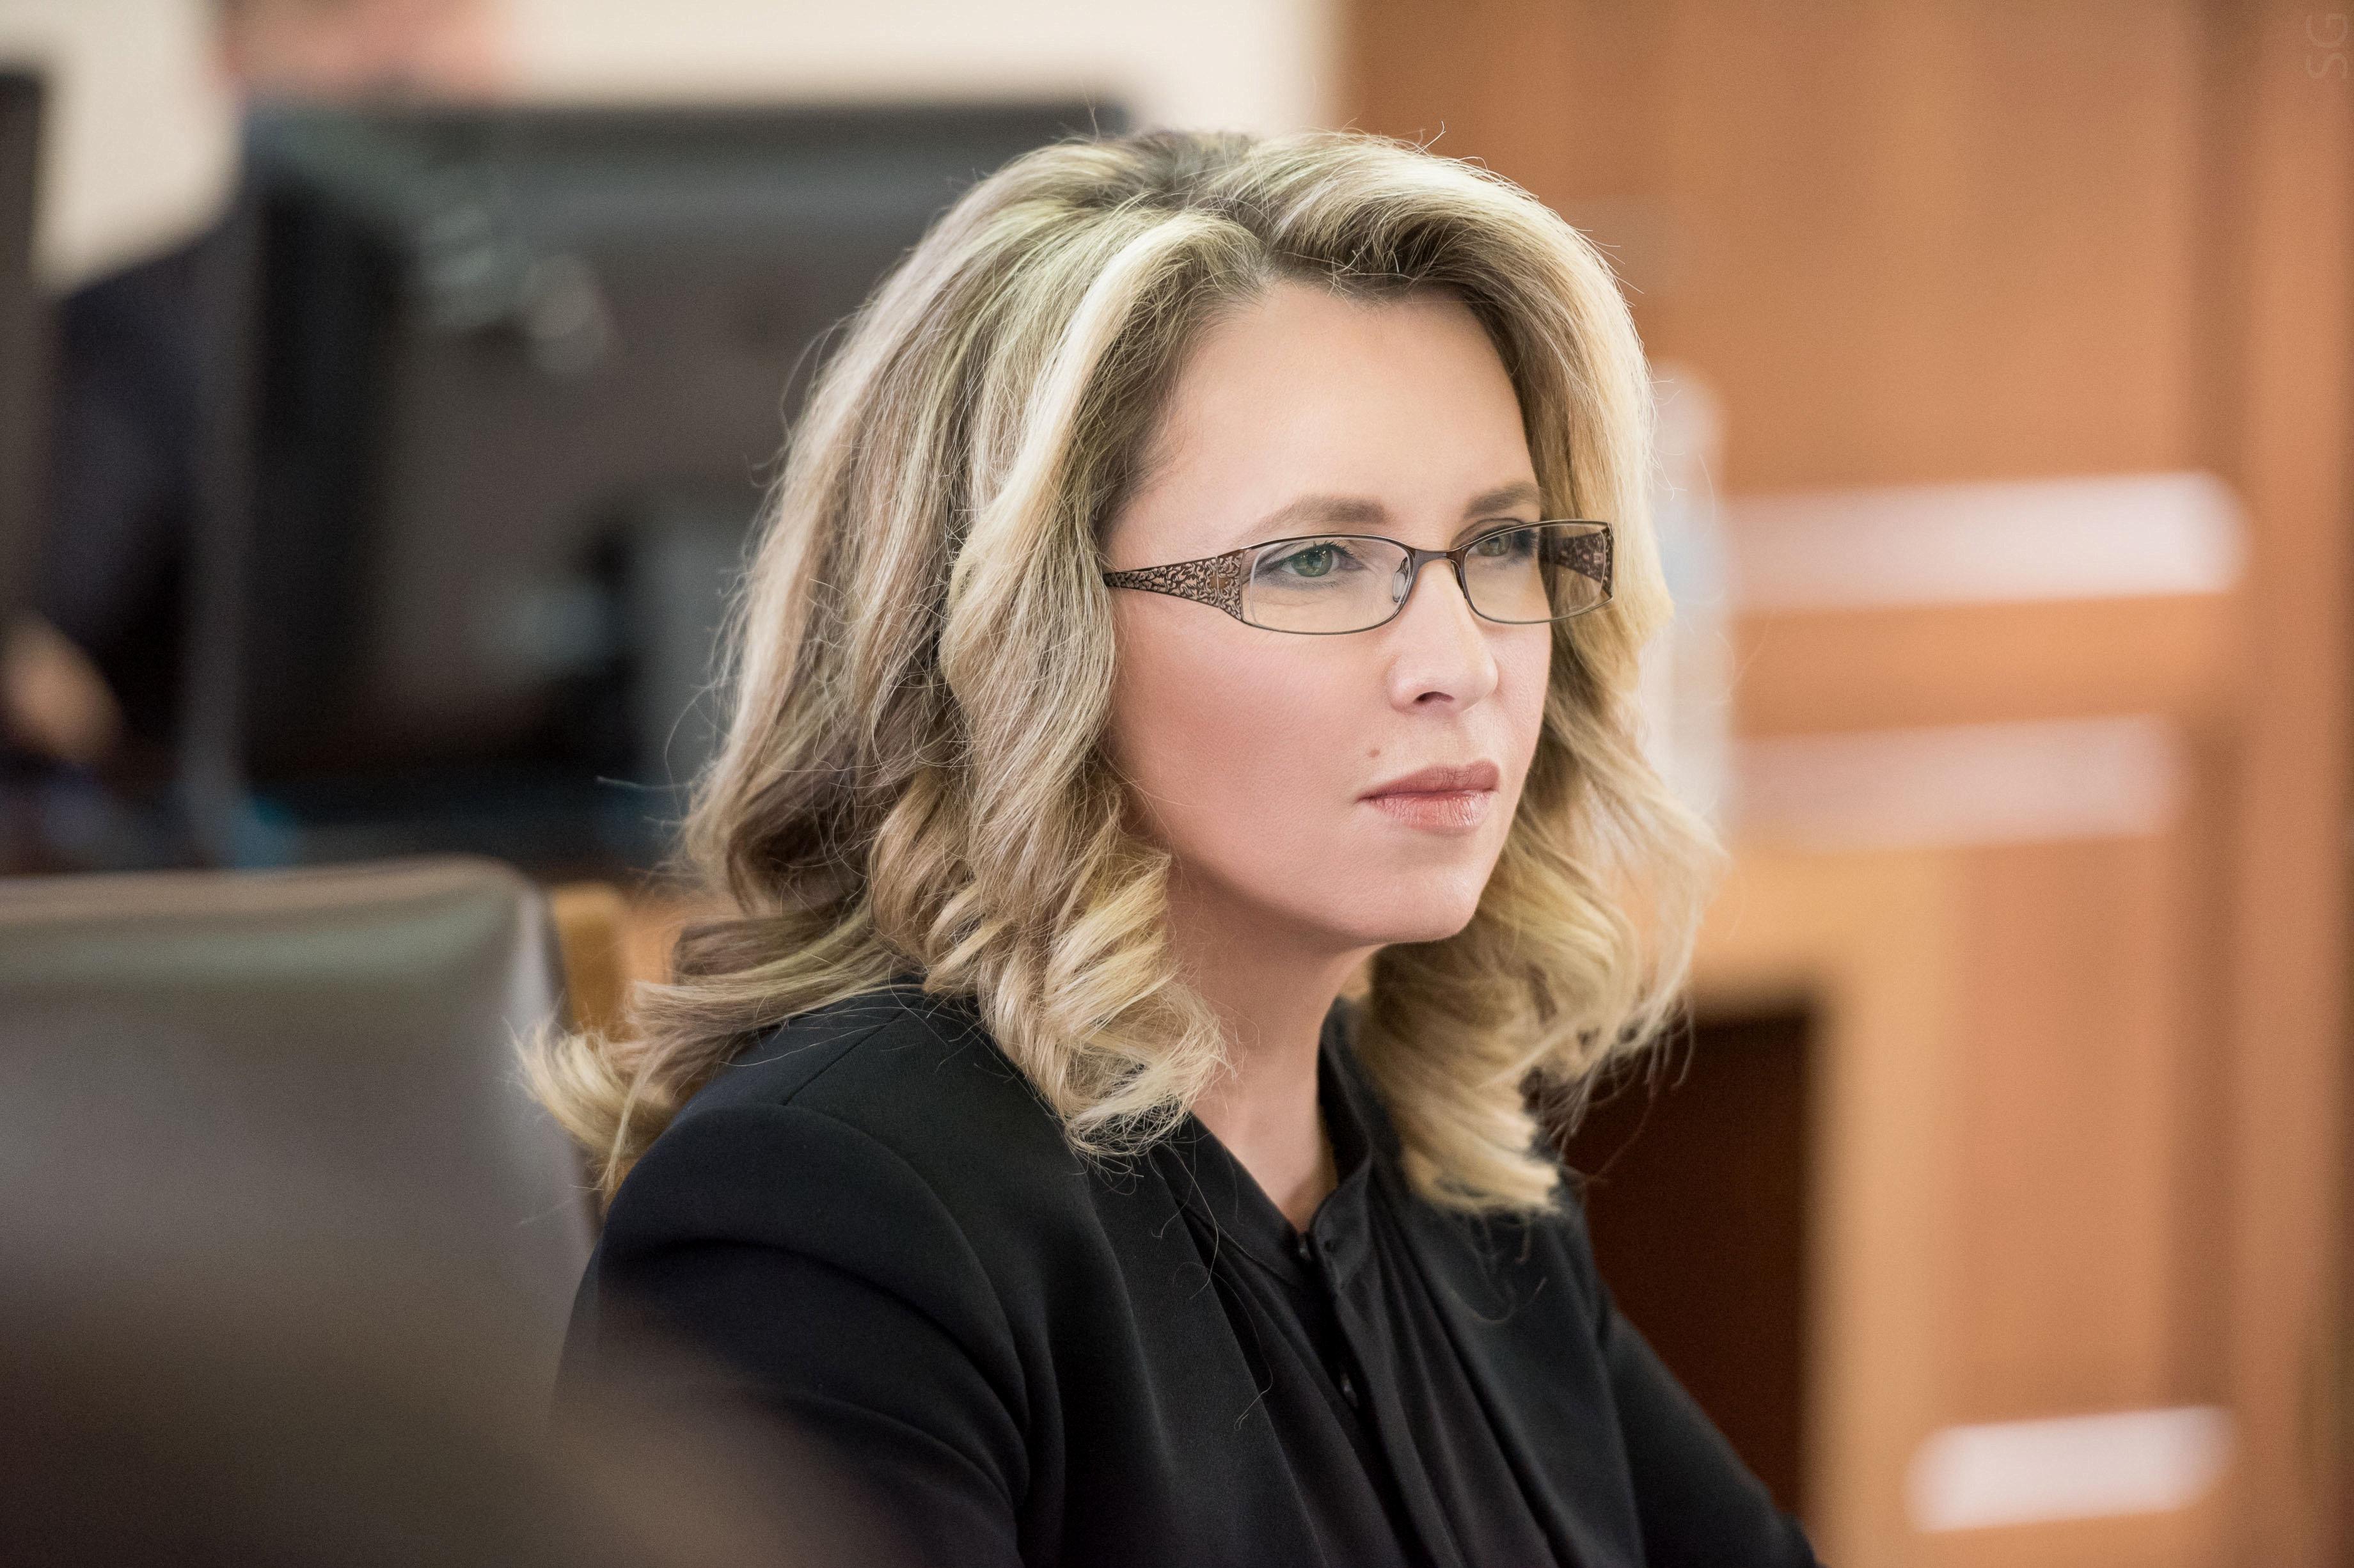 Alevtina Chérnikova, rectora de la Universidad Nacional de Ciencia y Tecnología MISIS de Rusia